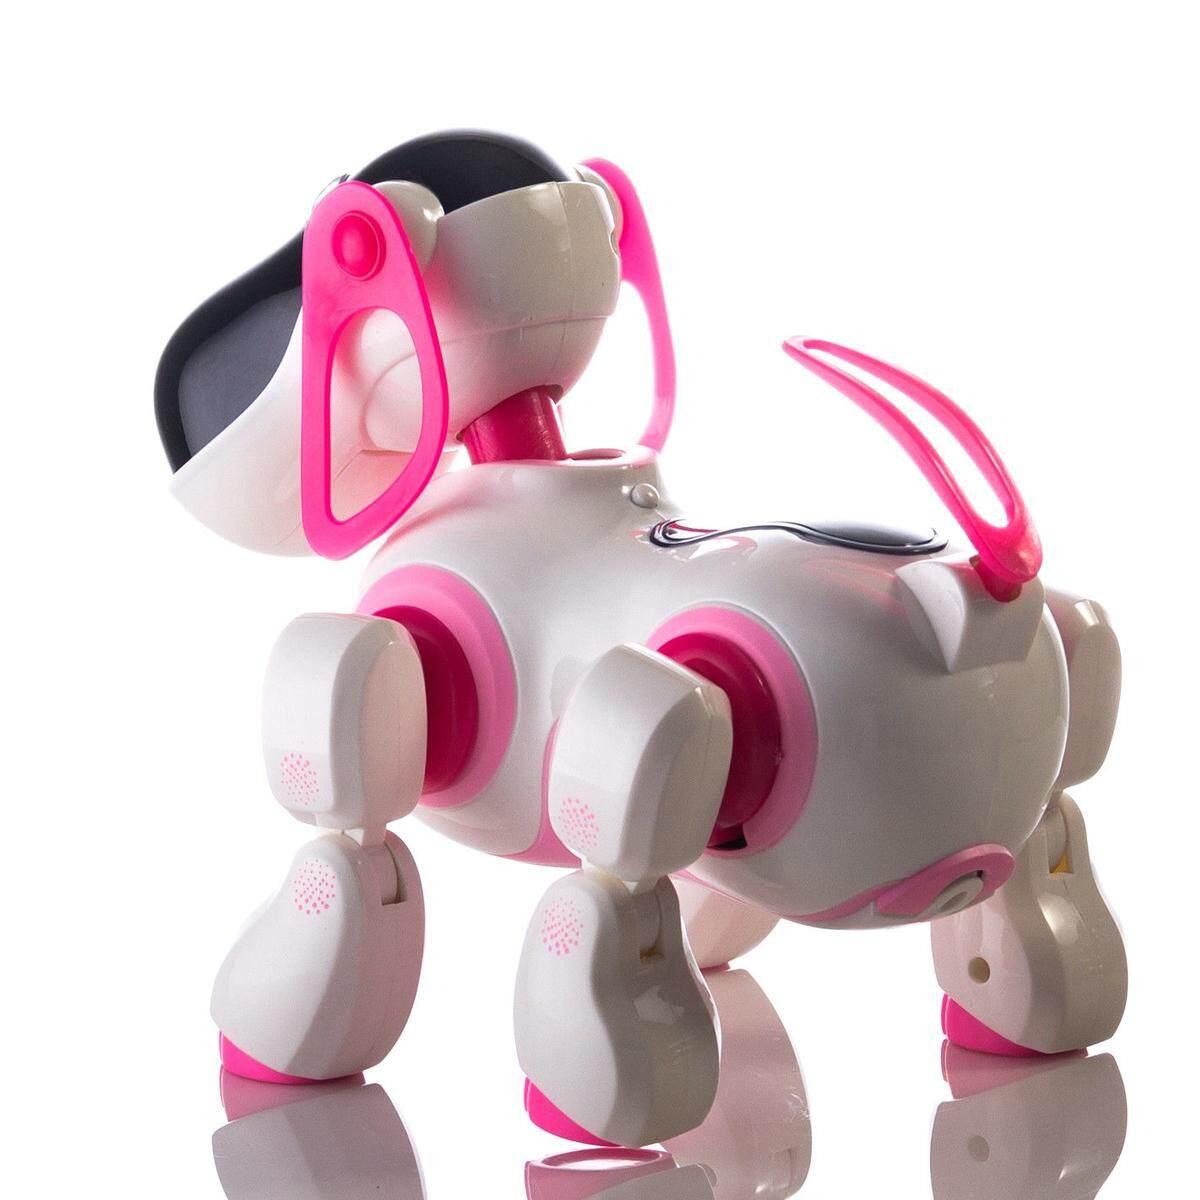 RC Smart Cerita Robot Anjing Bernyanyi Menari Berjalan Berbicara Dialog Mainan Hewan Peliharaan .